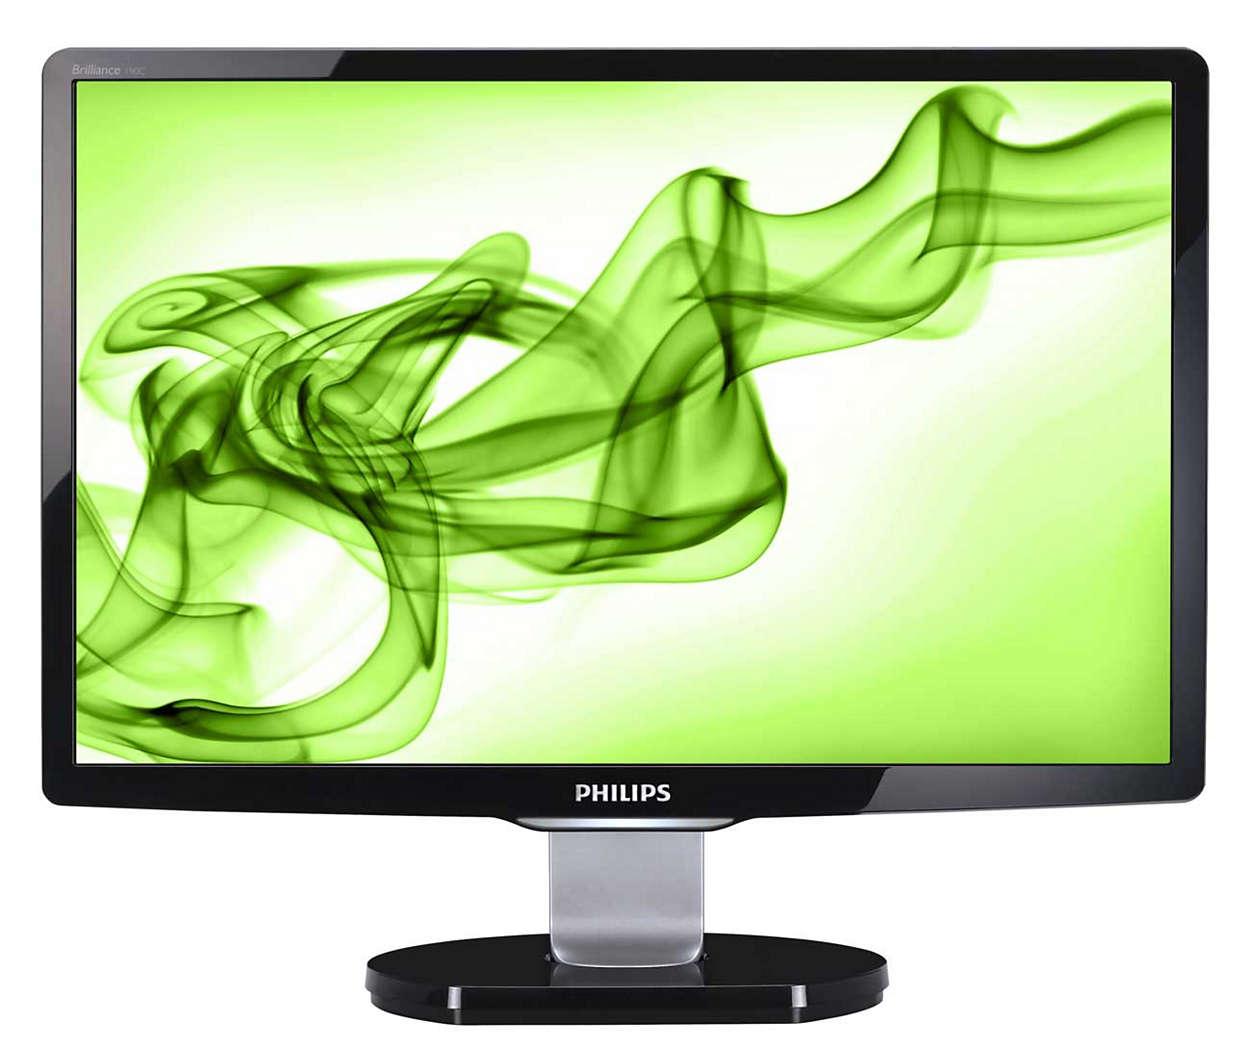 Κομψή οθόνη με πολλές δυνατότητες ηλεκτρονικής ψυχαγωγίας